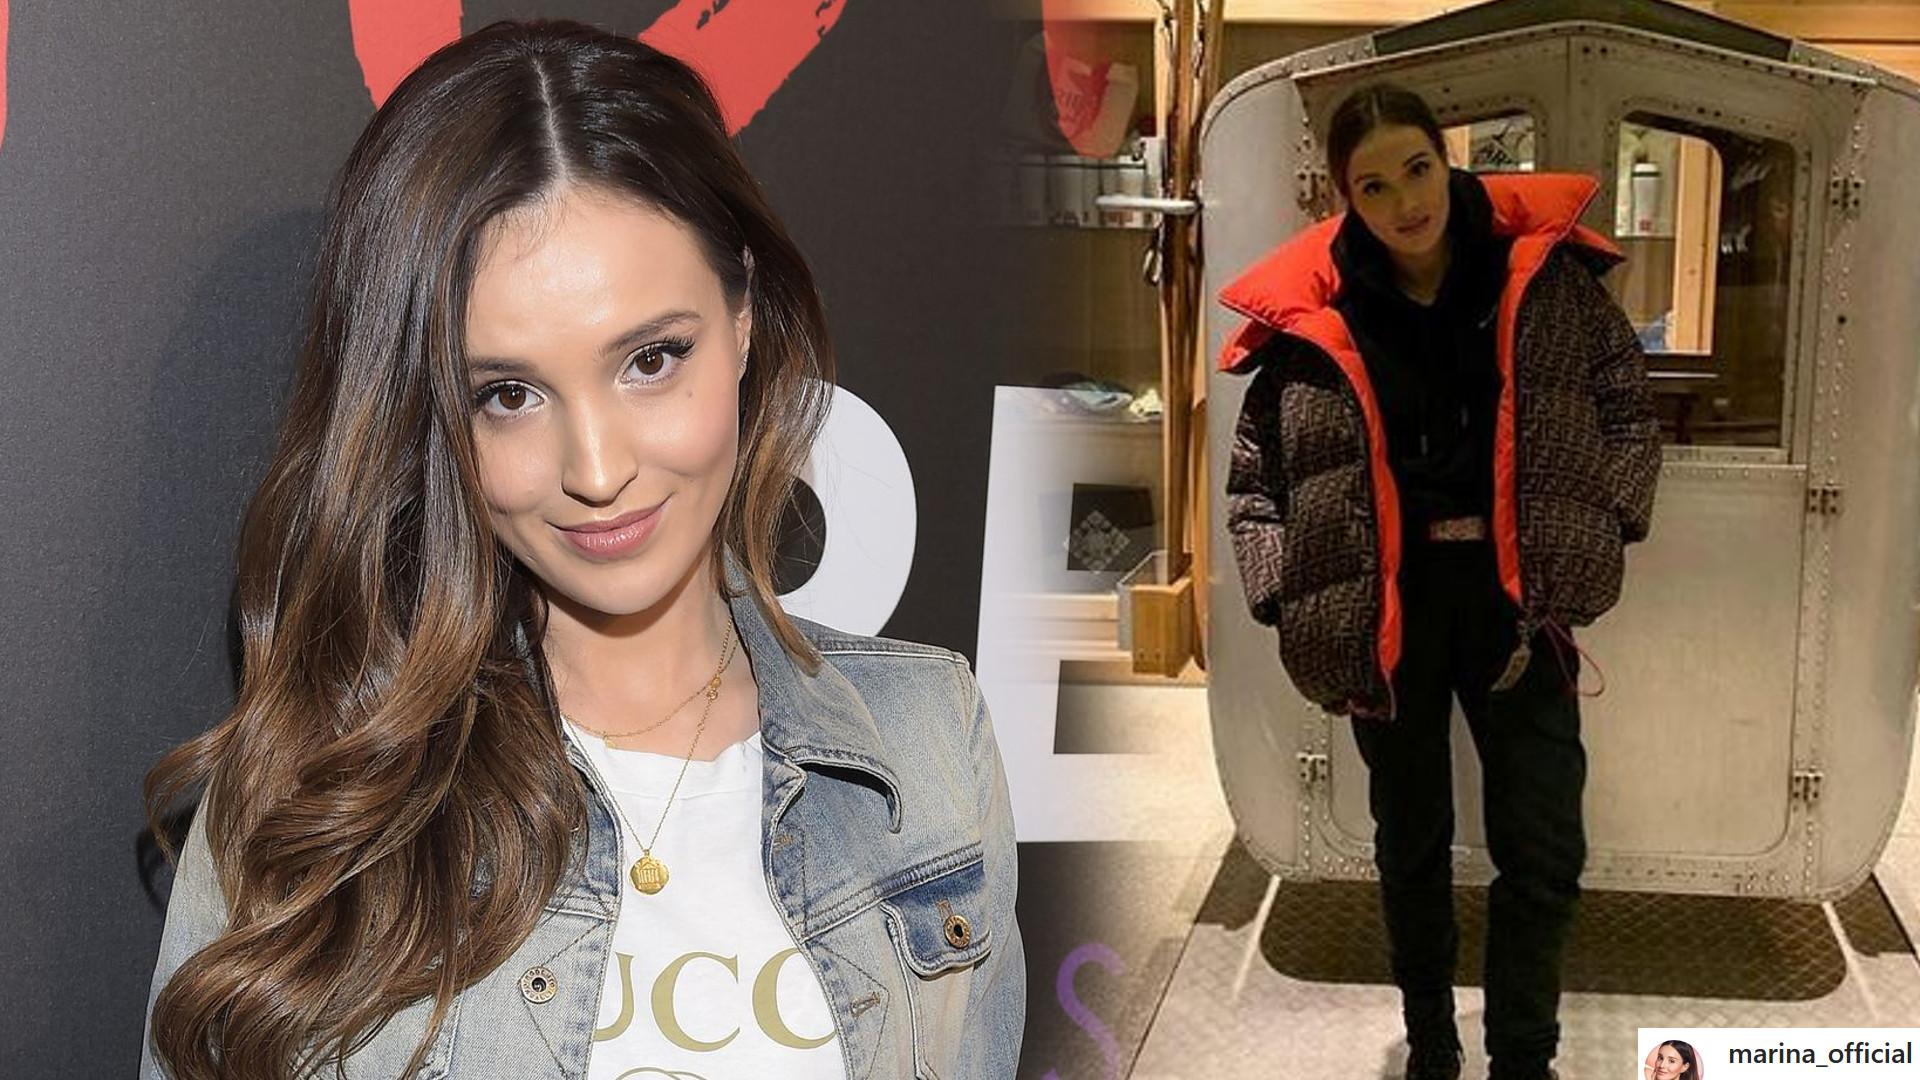 Marina pokazała zdjęcie z Wojtkiem i Liamem z Zakopanego – co za stylizacja!